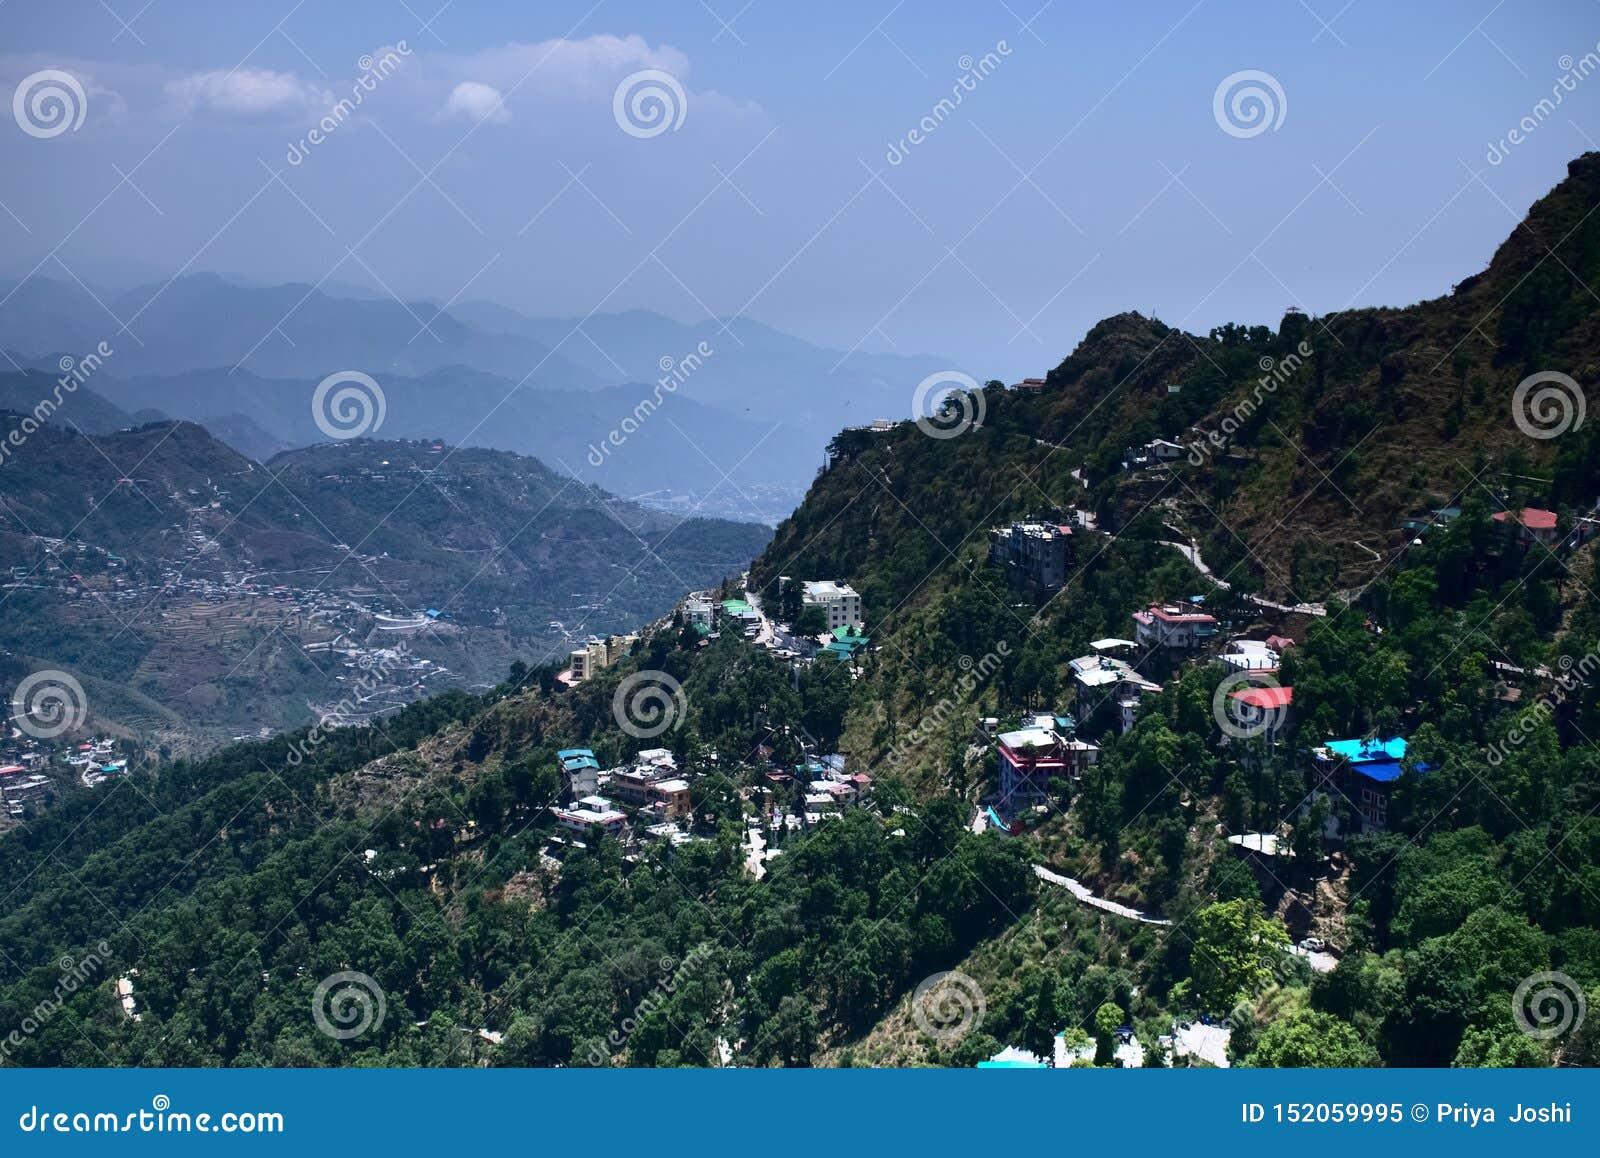 Vue de belle ville de colline une ville dans les montagnes pleines des maisons colorées et du paysage très vibrant des maisons en